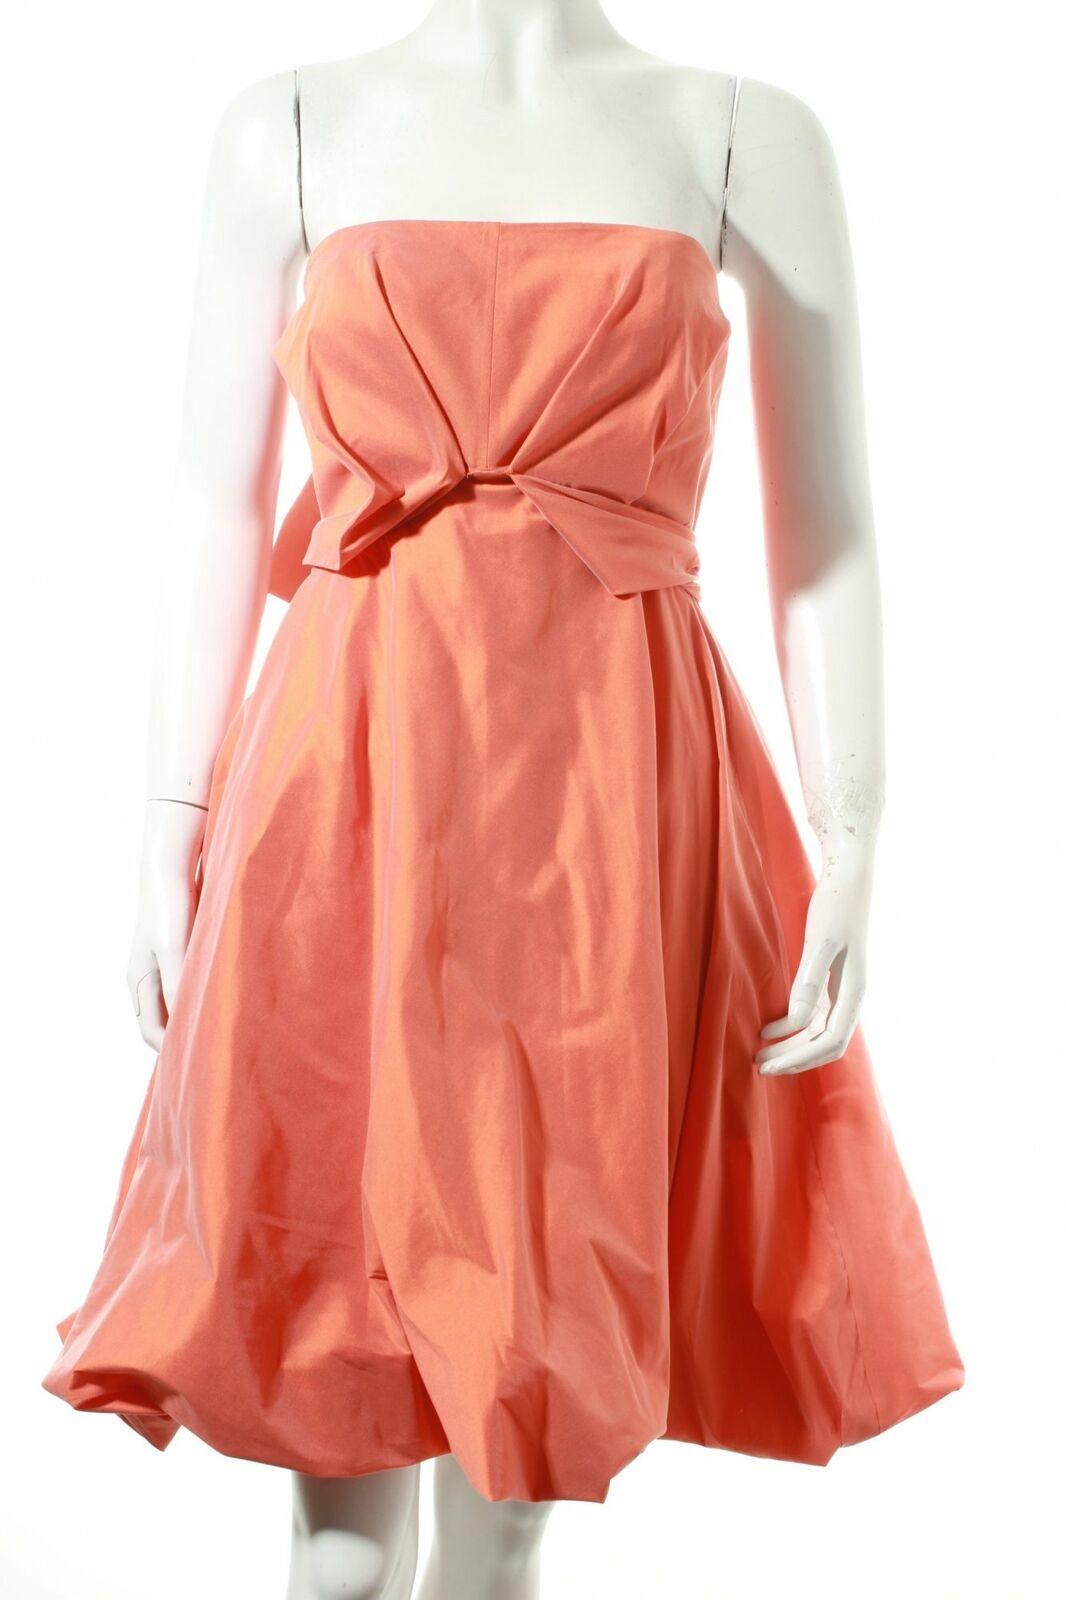 bbf104c7c636 Talbot Talbot Talbot Runhof abito arancione elegante da donna tg. de 36  Dress 1fdad3